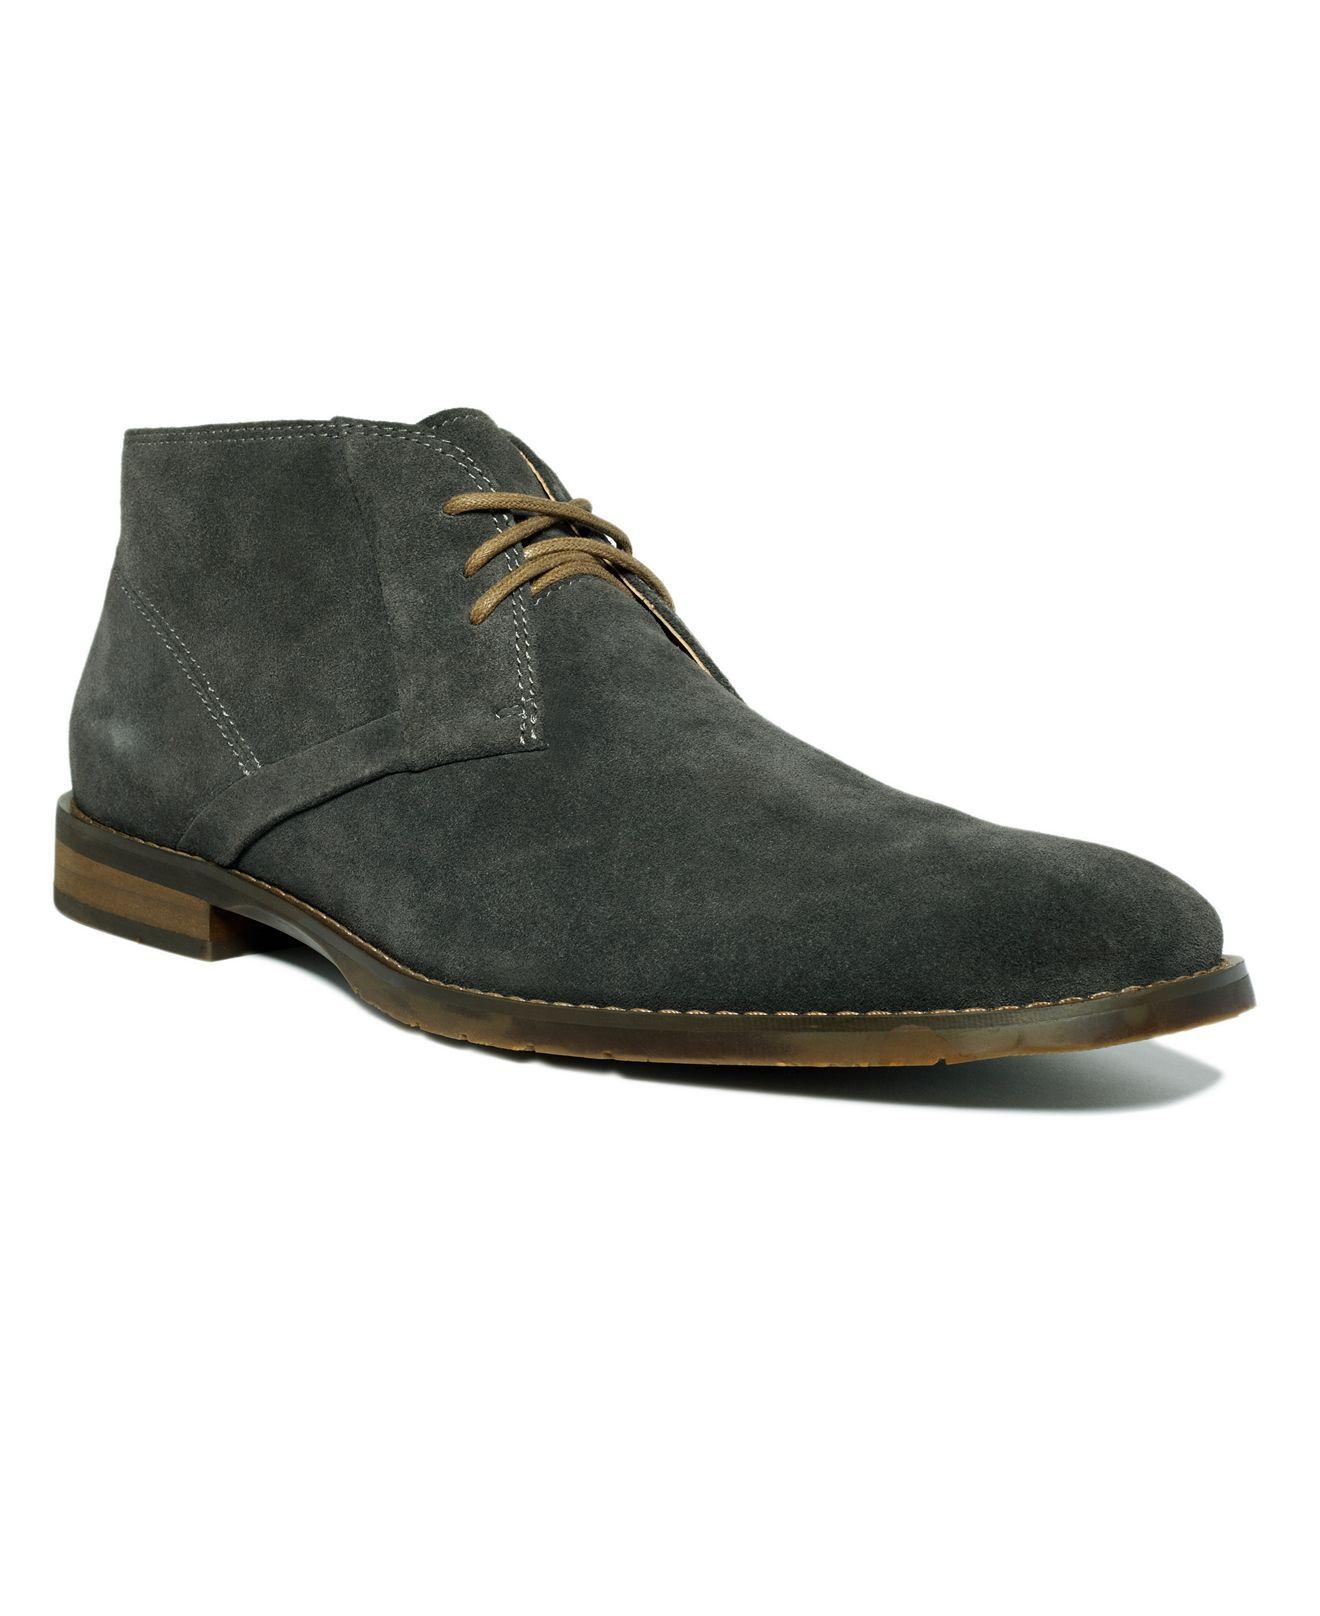 magasiner pour le luxe détaillant livraison gratuite My new shoes #CalvinKlein Warren Suede Chukka Boots | Pour ...